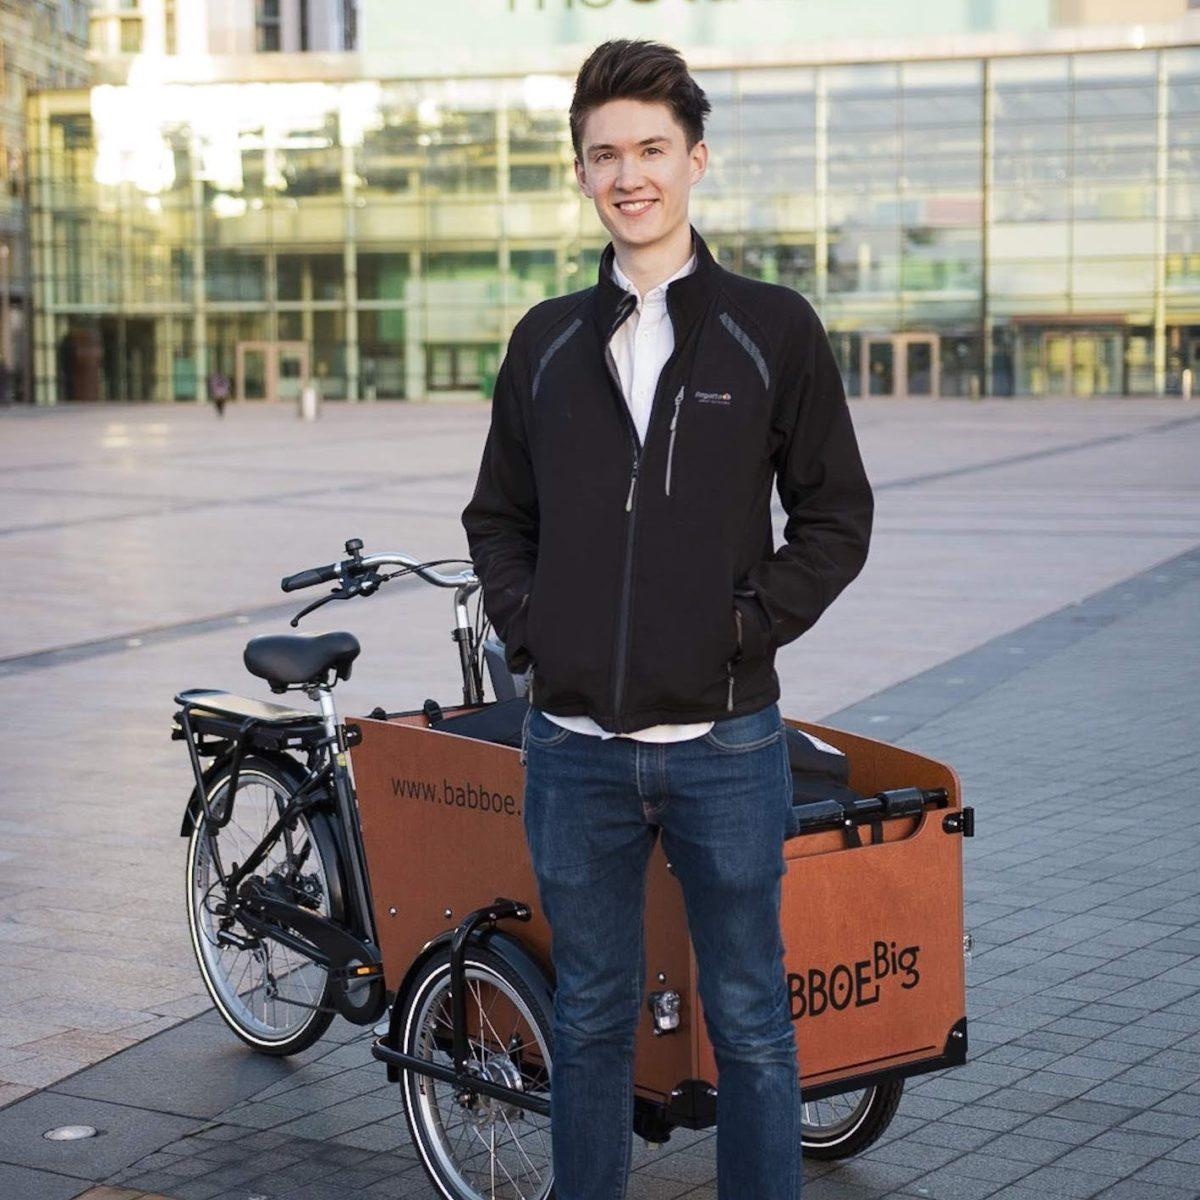 Ben Horrigan with Studio 91's cargo bike, which is full of video production equipment.